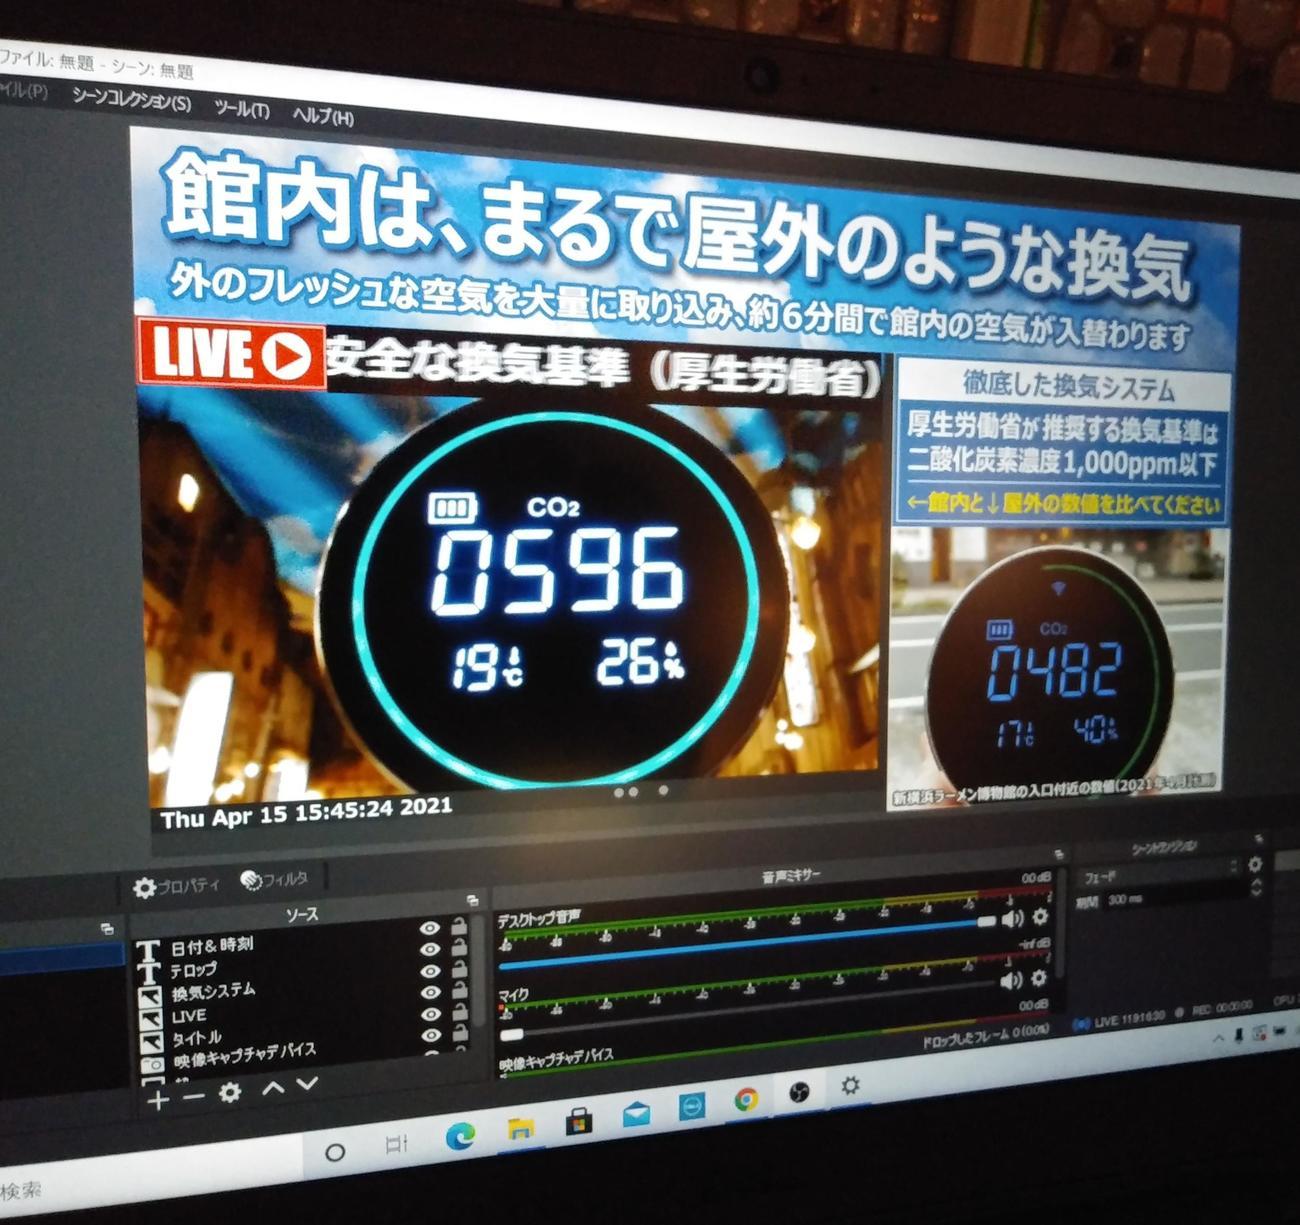 ライブ配信される数値。画面左側が館内のCO2濃度で596ppm。同右は路上での測定値で482ppmと、ほとんど変わらない